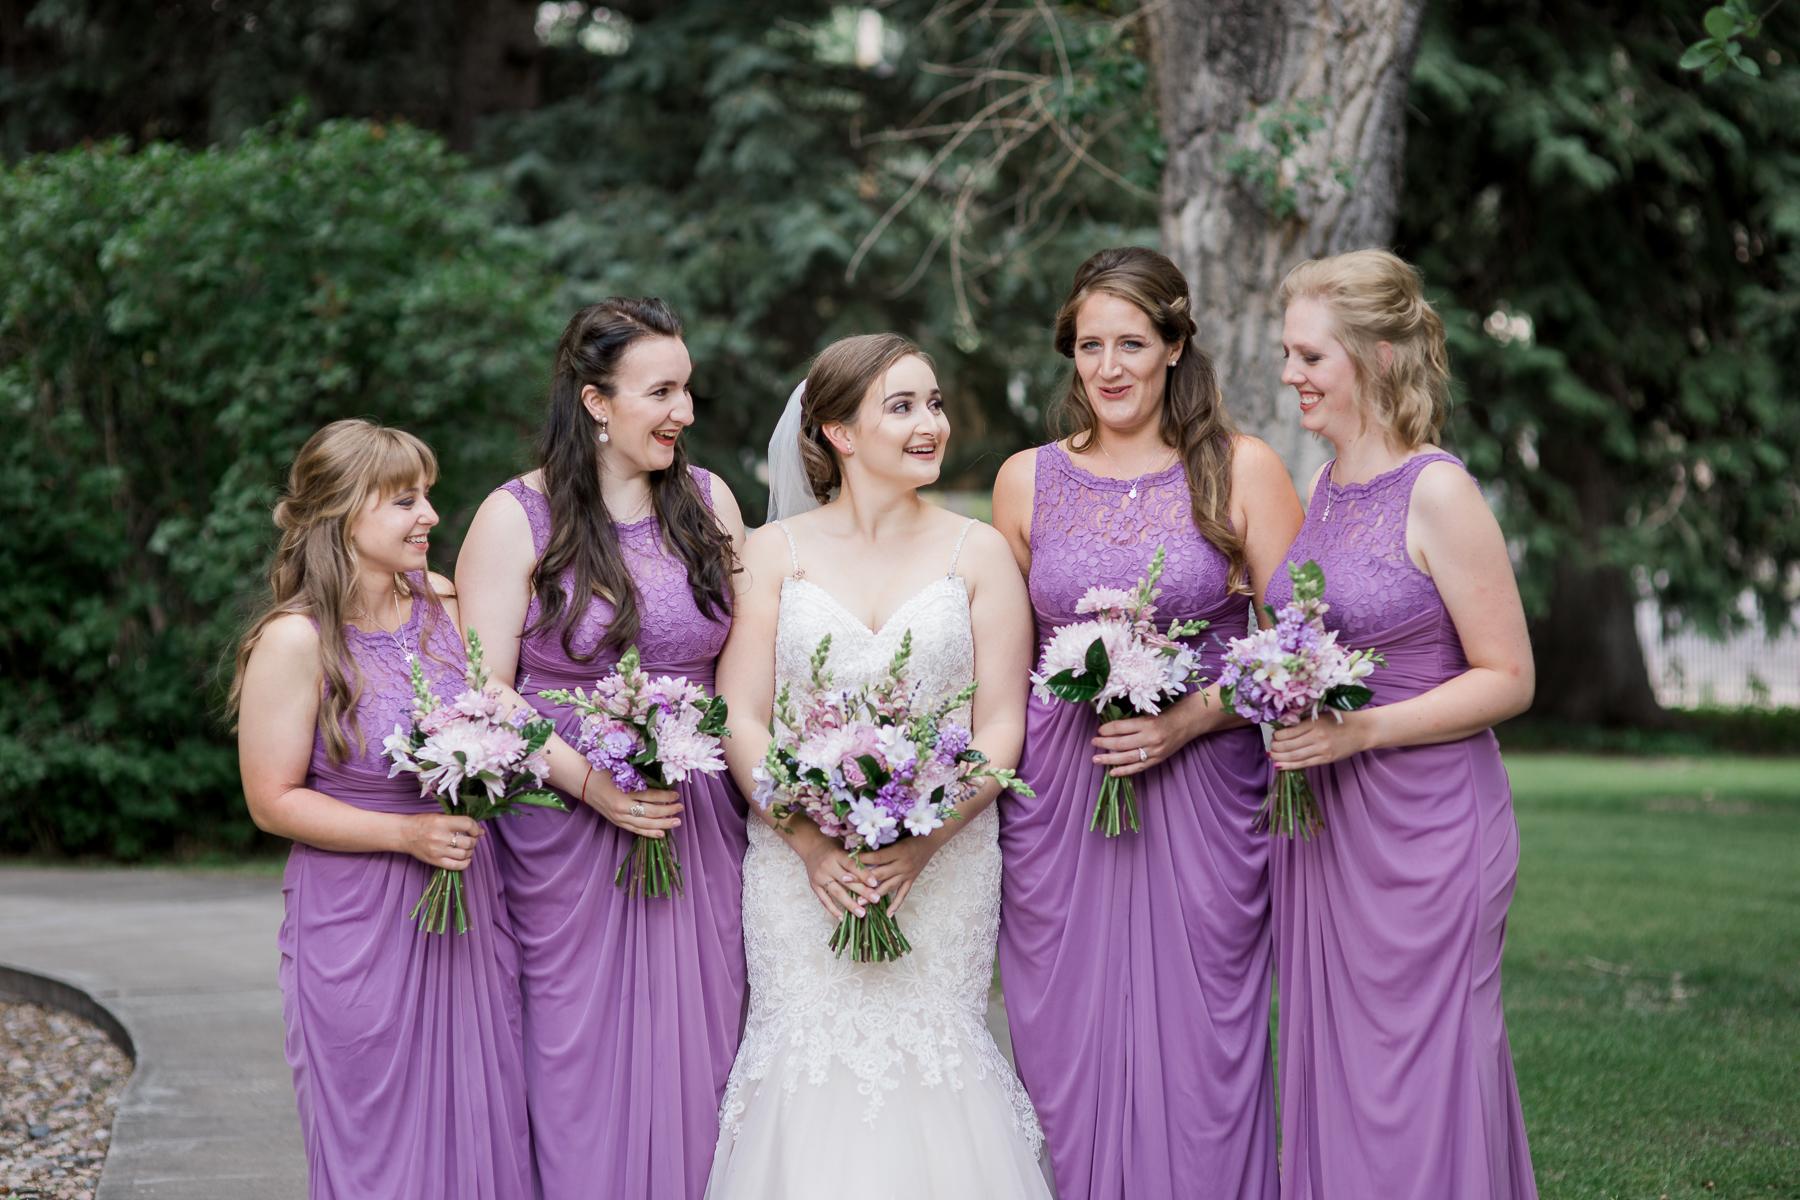 Purple lace bridesmaids dresses